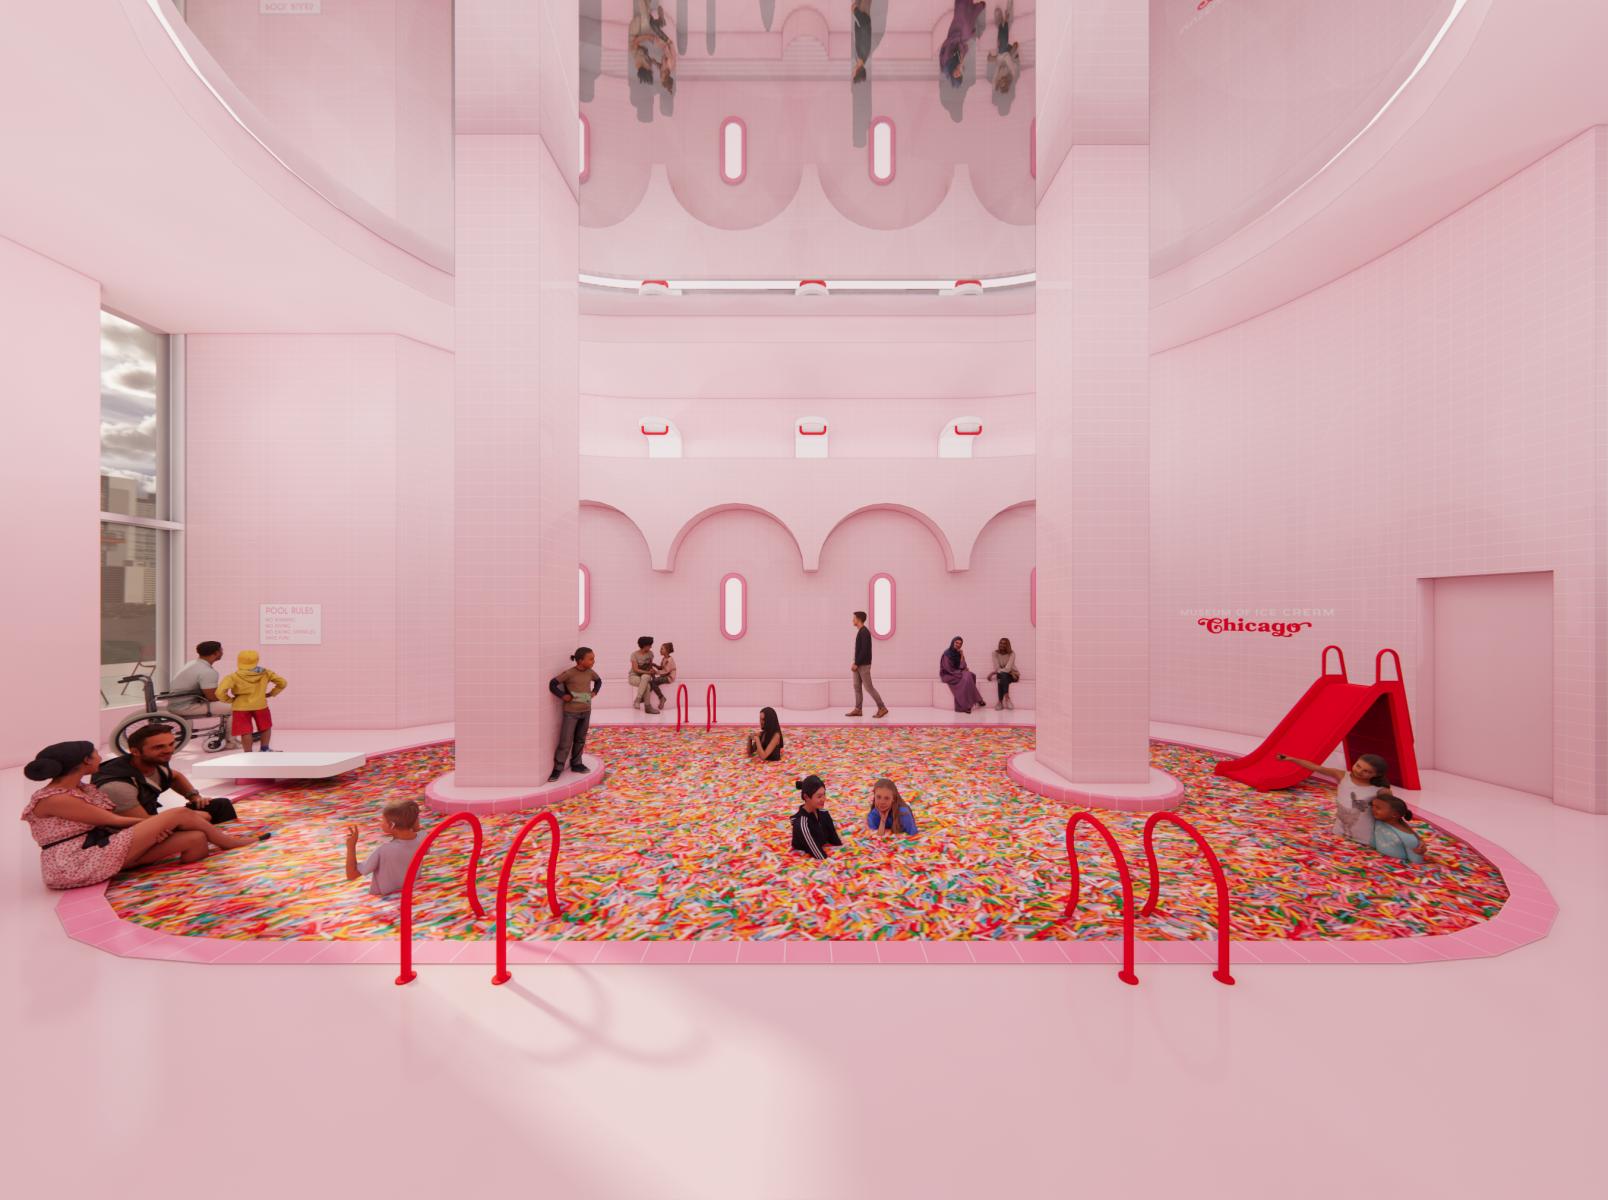 Museum of Ice Cream Chicago render